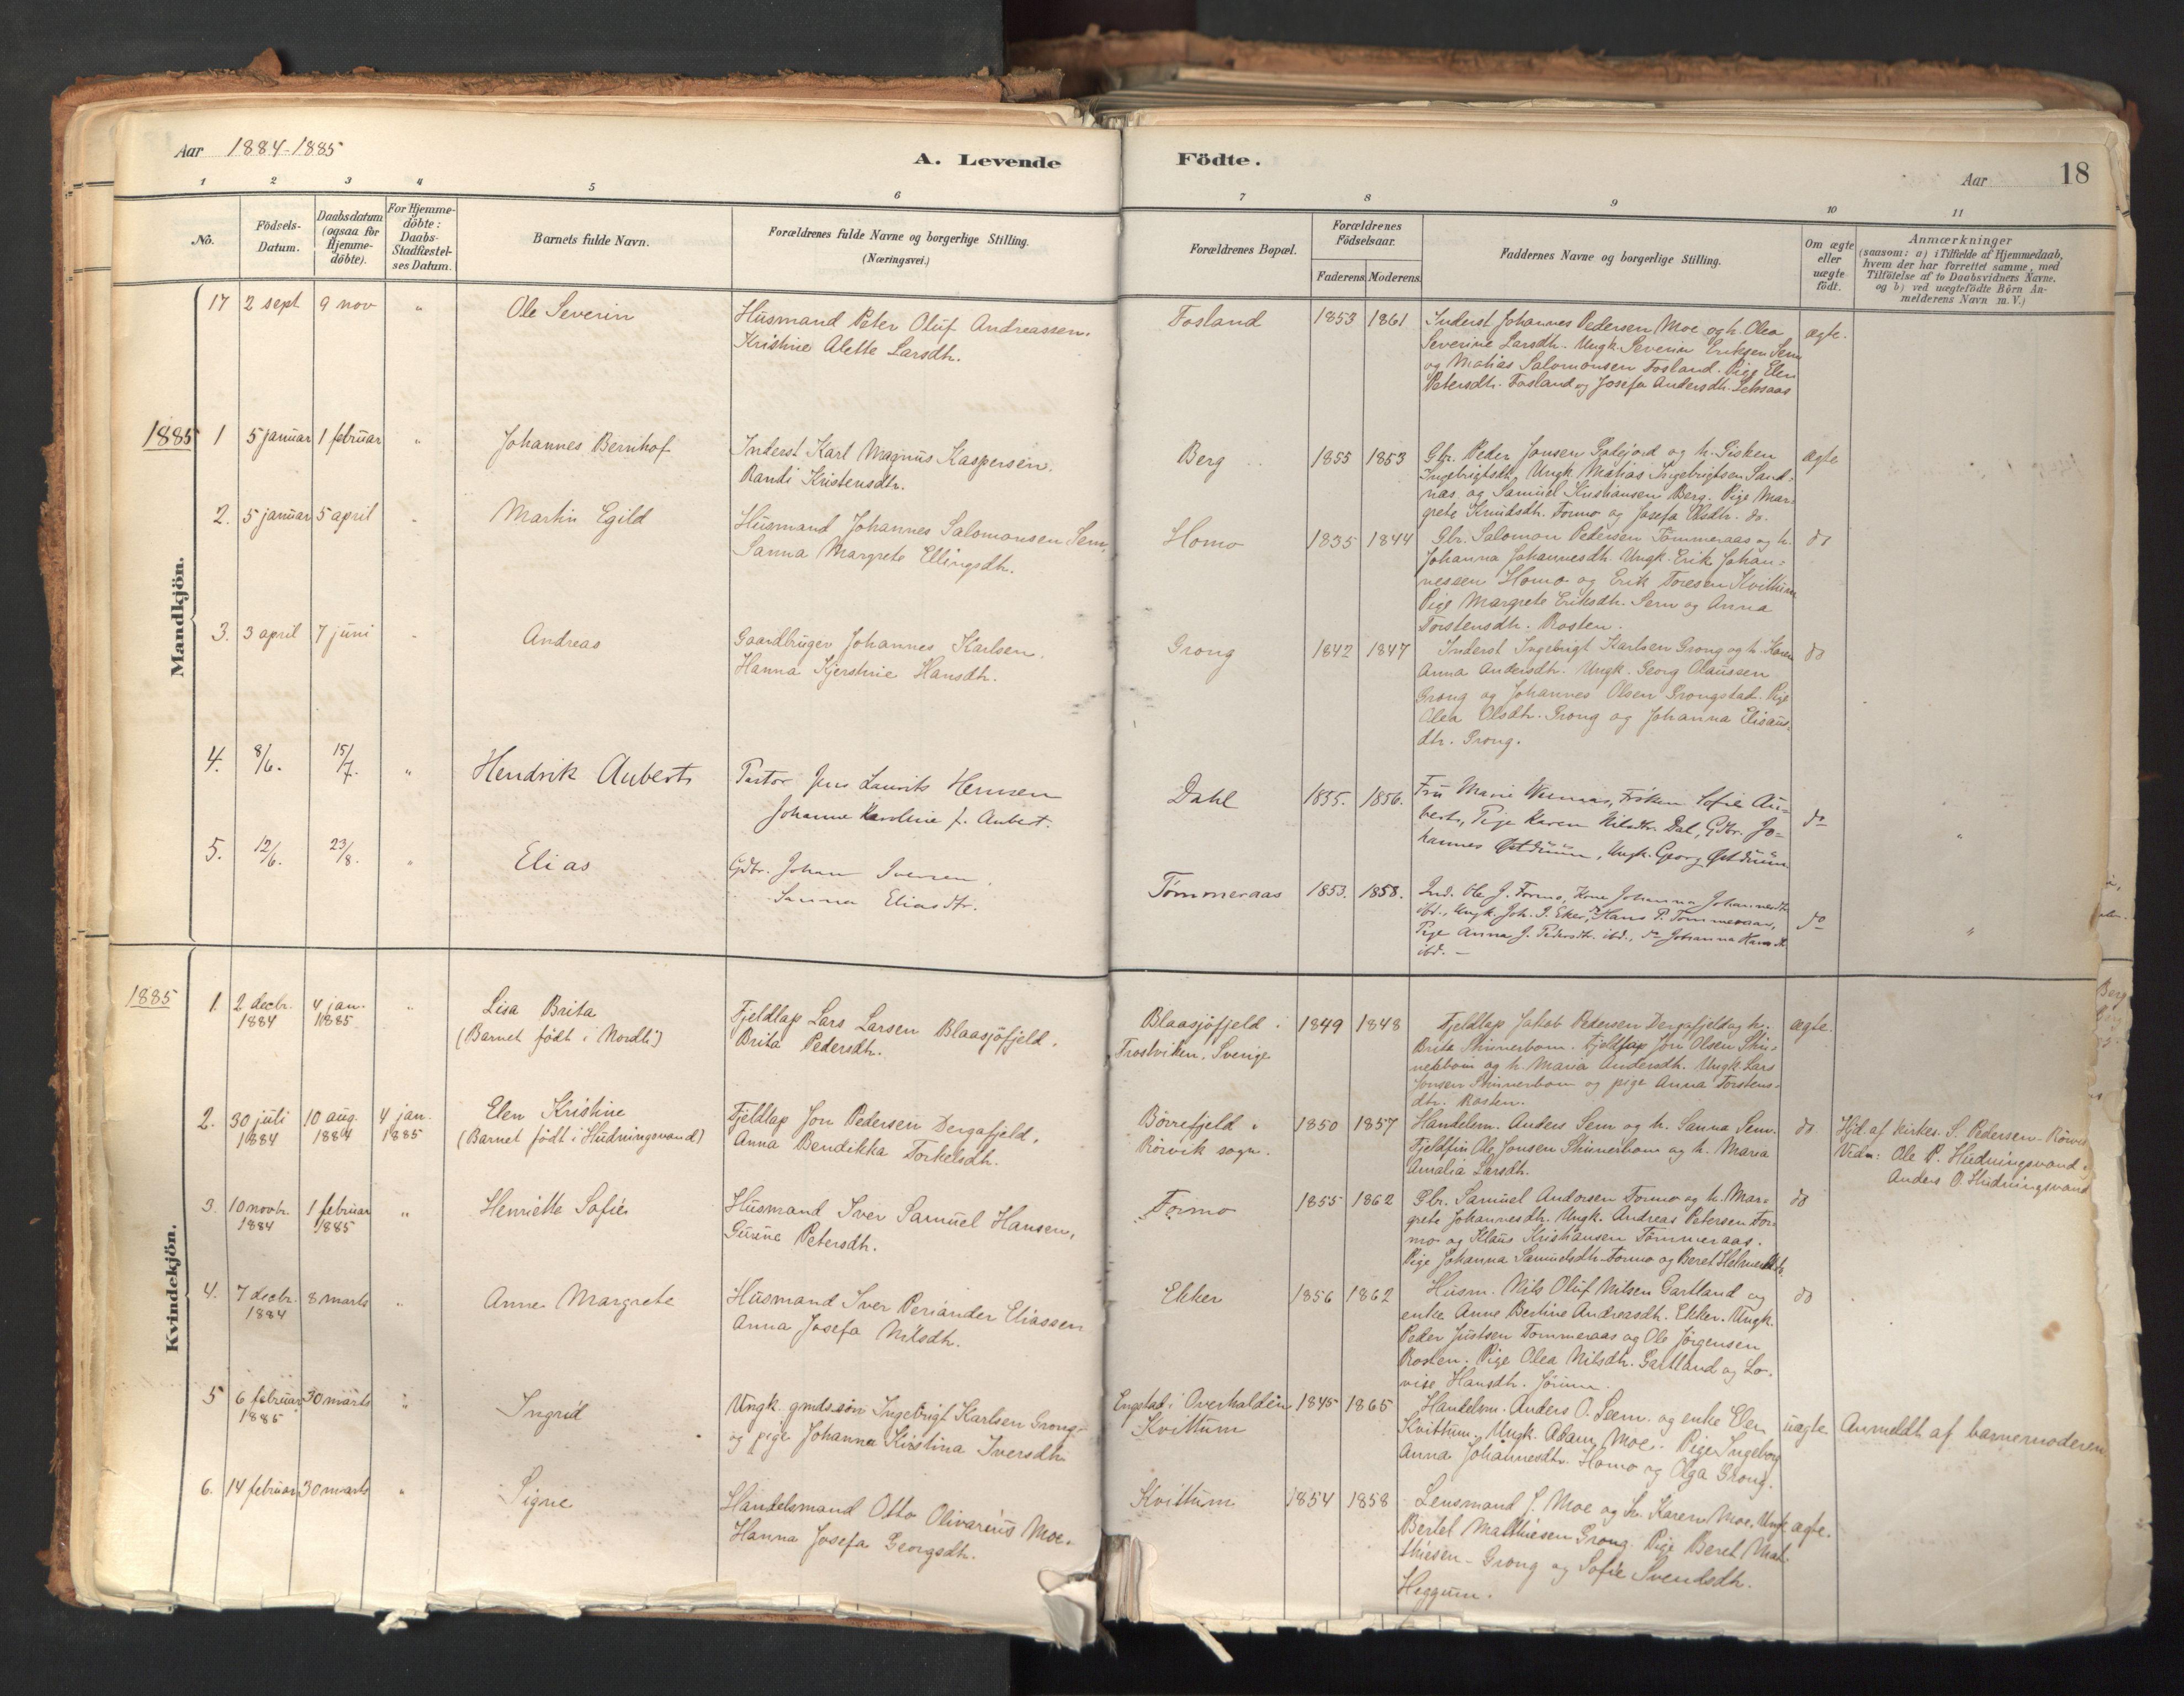 SAT, Ministerialprotokoller, klokkerbøker og fødselsregistre - Nord-Trøndelag, 758/L0519: Ministerialbok nr. 758A04, 1880-1926, s. 18